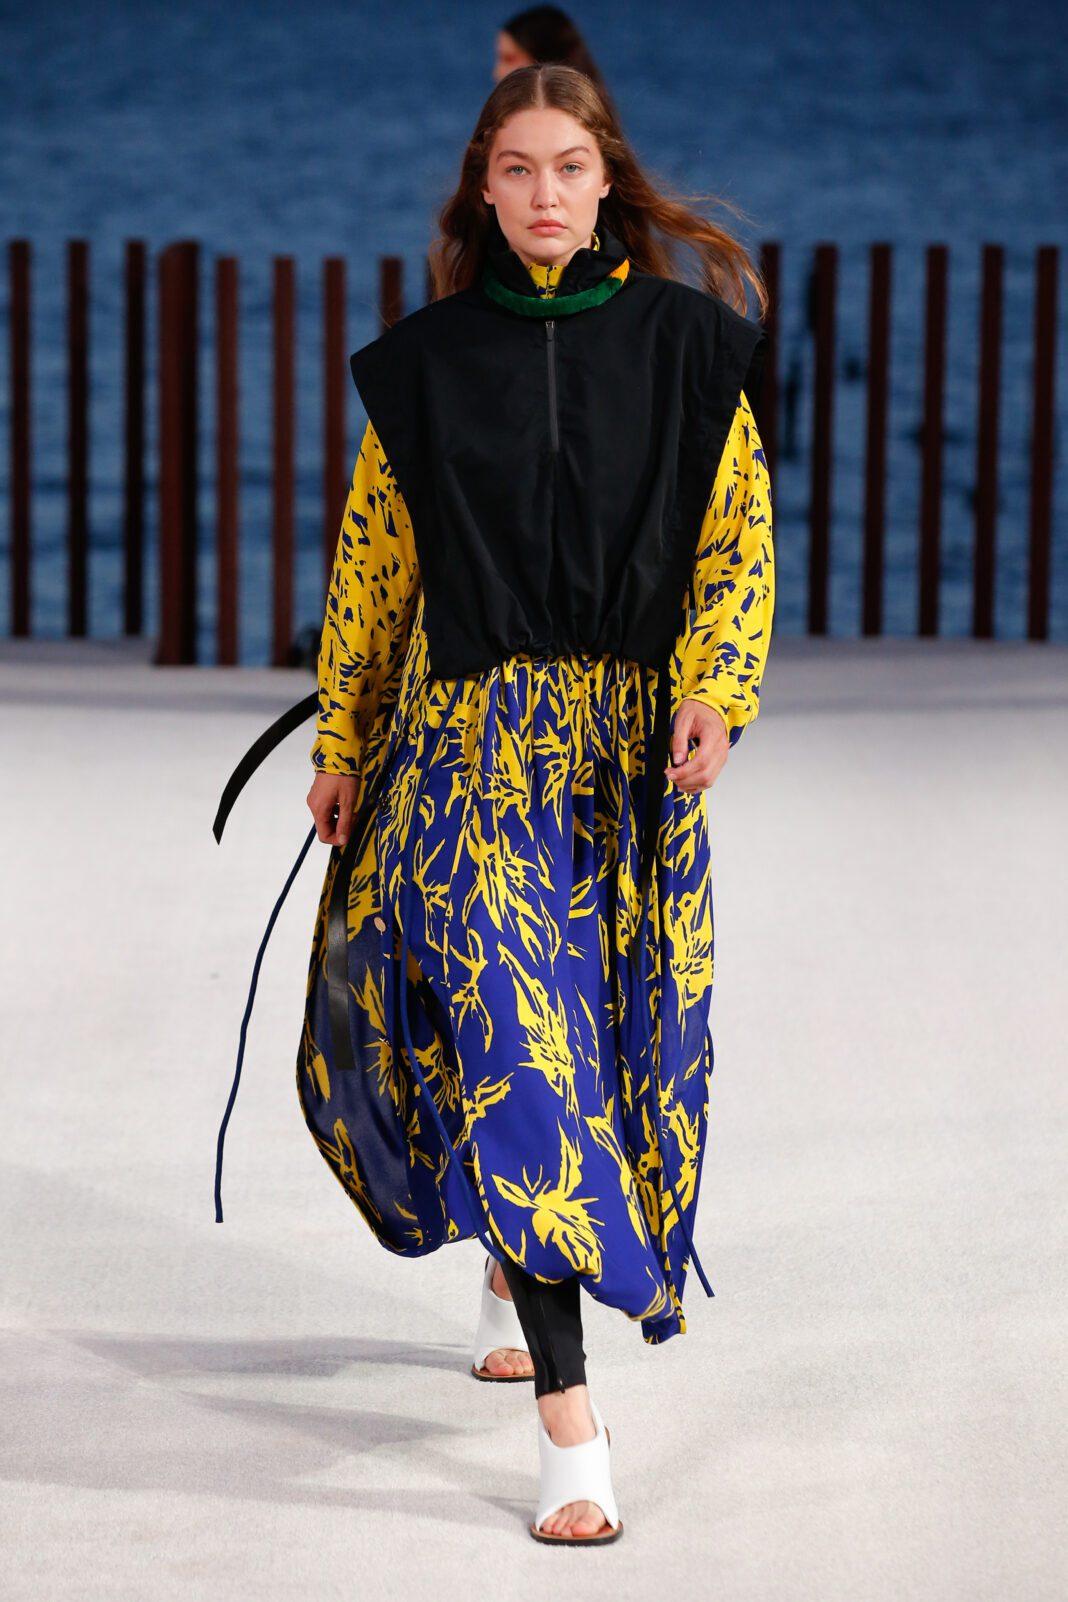 New York Fashion Week: Αυτά είναι τα ωραιότερα looks του οίκου Proenza Schouler για την Άνοιξη/Καλοκαίρι 2022.